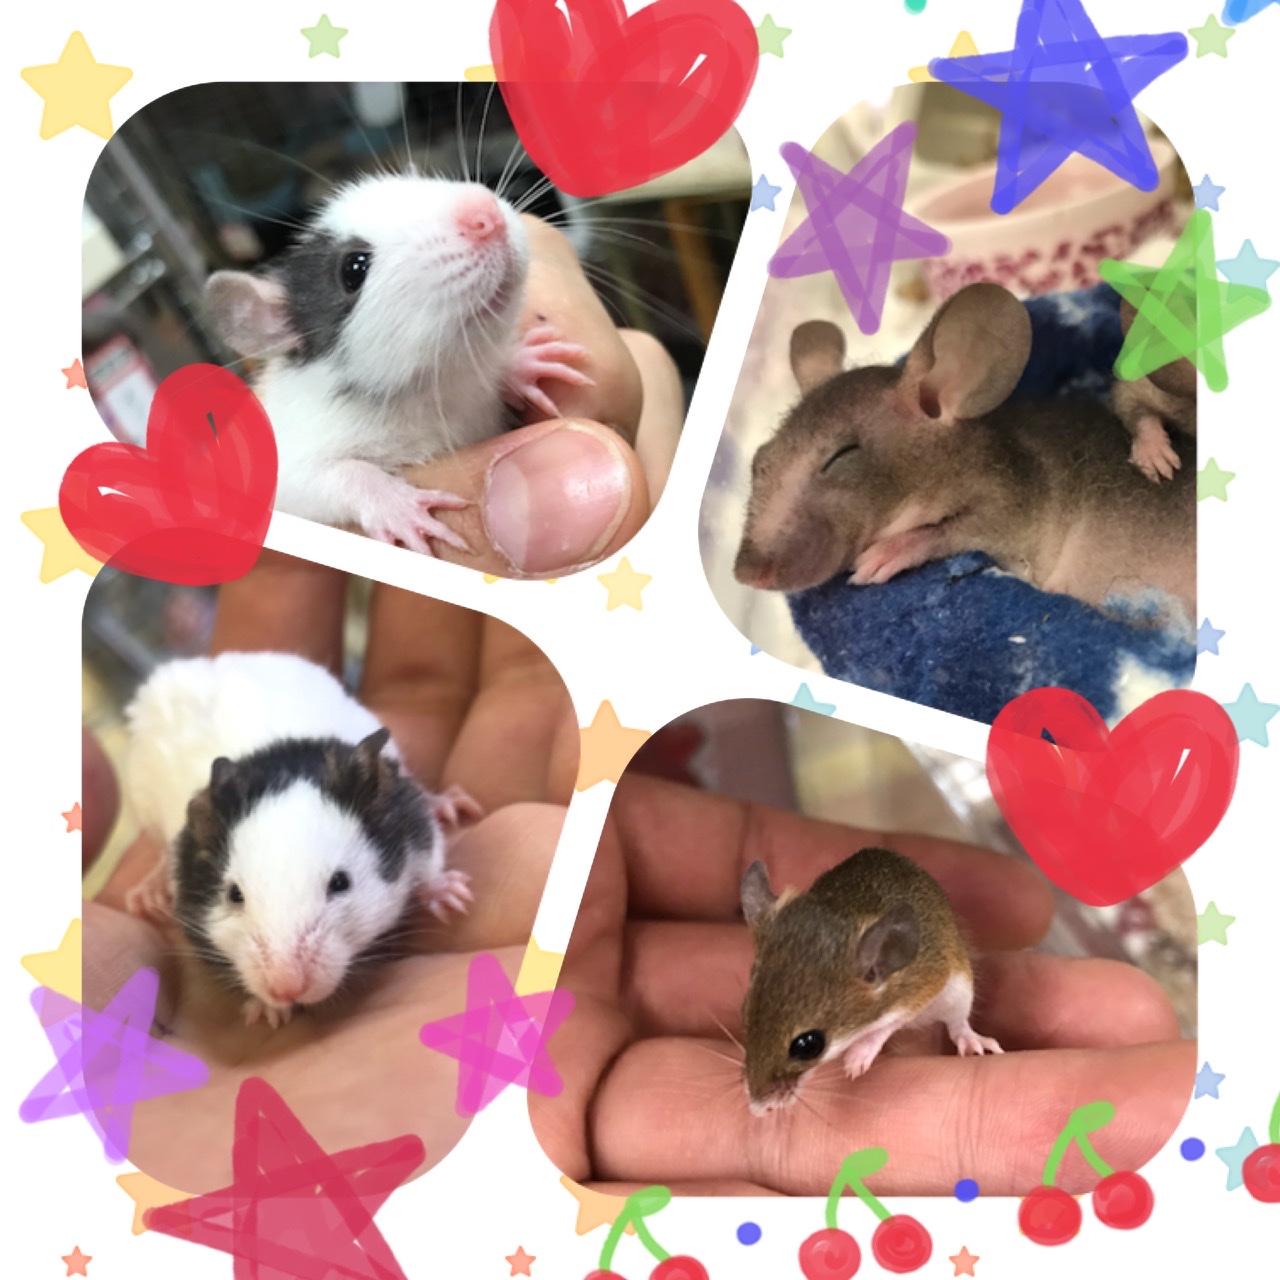 【インター小動物】ネズミ新着てんこ盛り盛り!!!